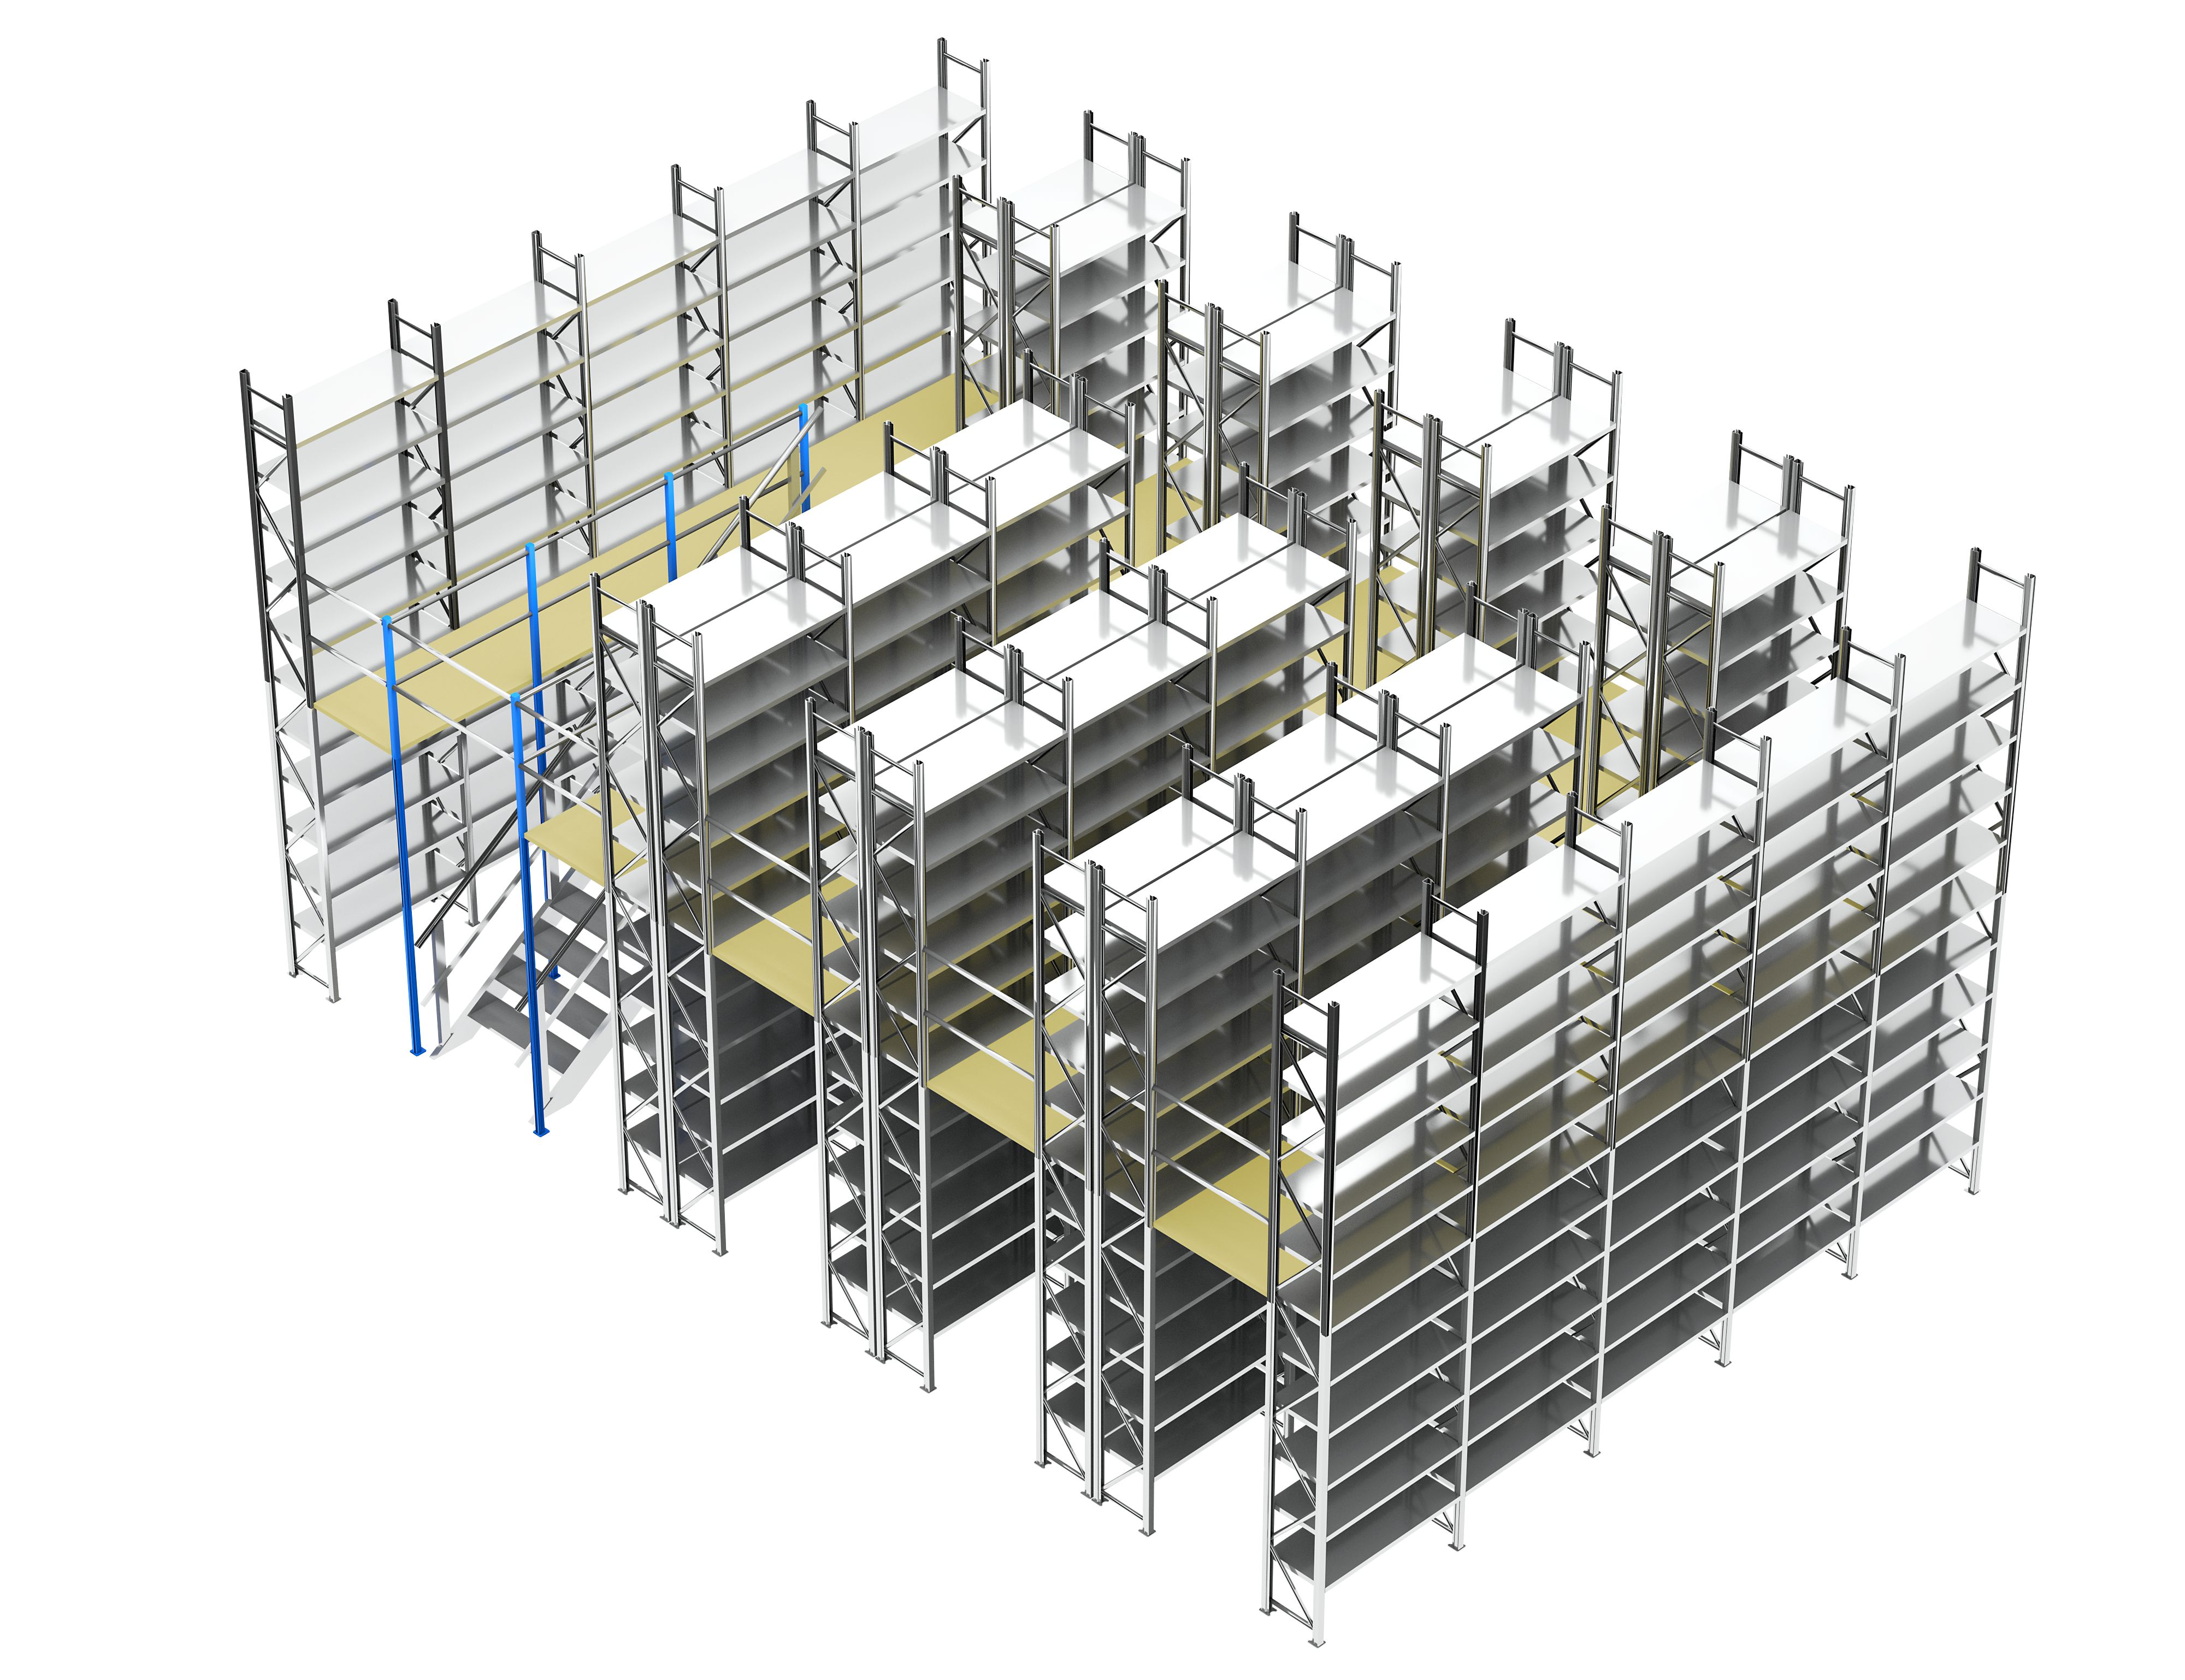 2-geschossiges Fachbodenregal mit 400 Fachböden